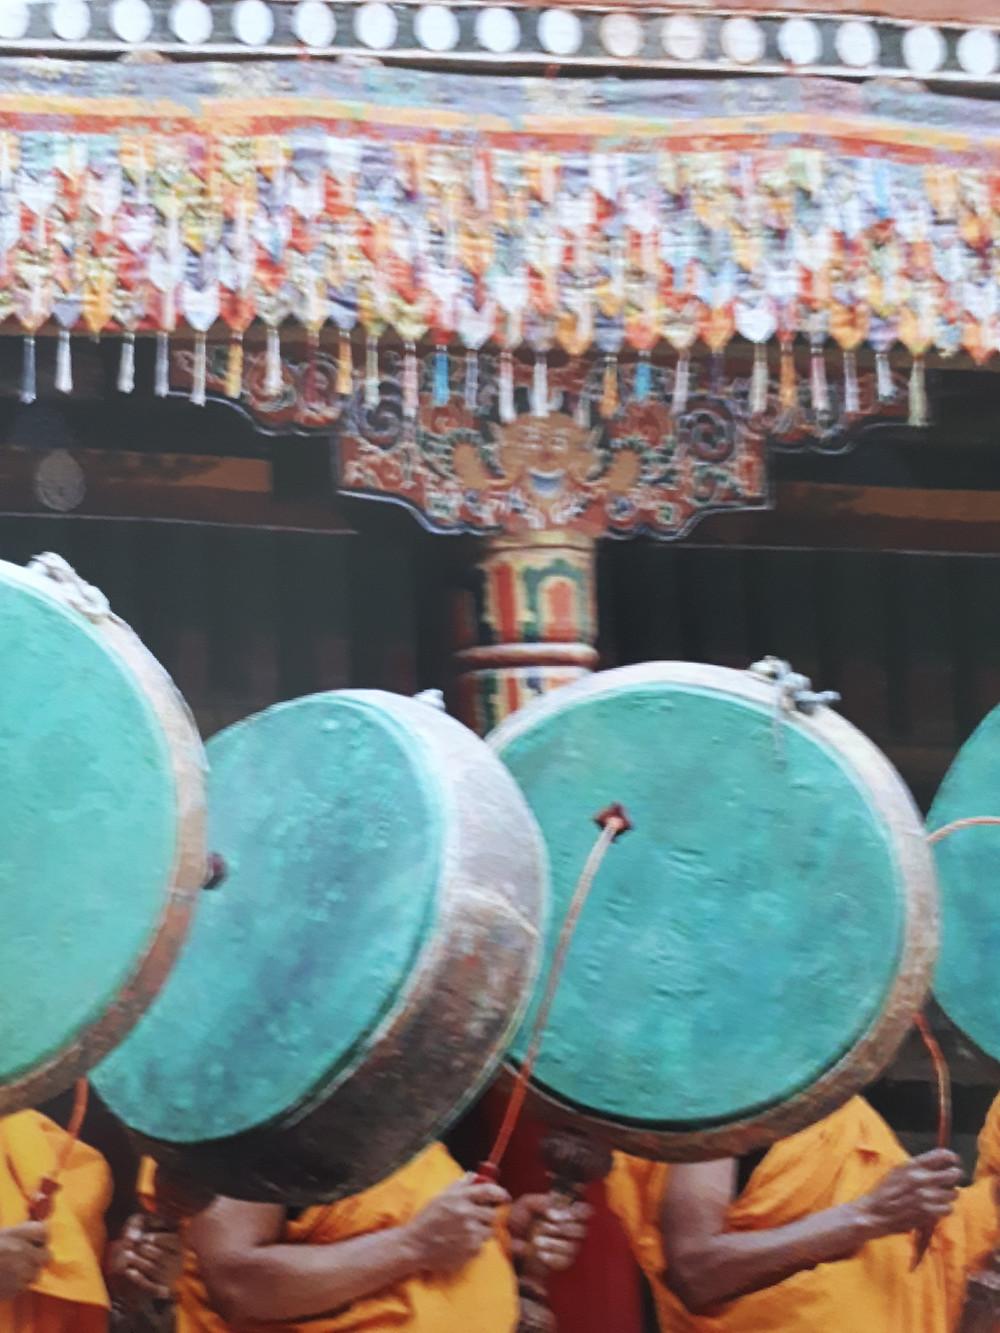 Du 18 au 31 Aout yoga, méditation, temples, lieux sacrés, moines, sessions chamaniques, docteur en médecine traditionnelle tibétaine,